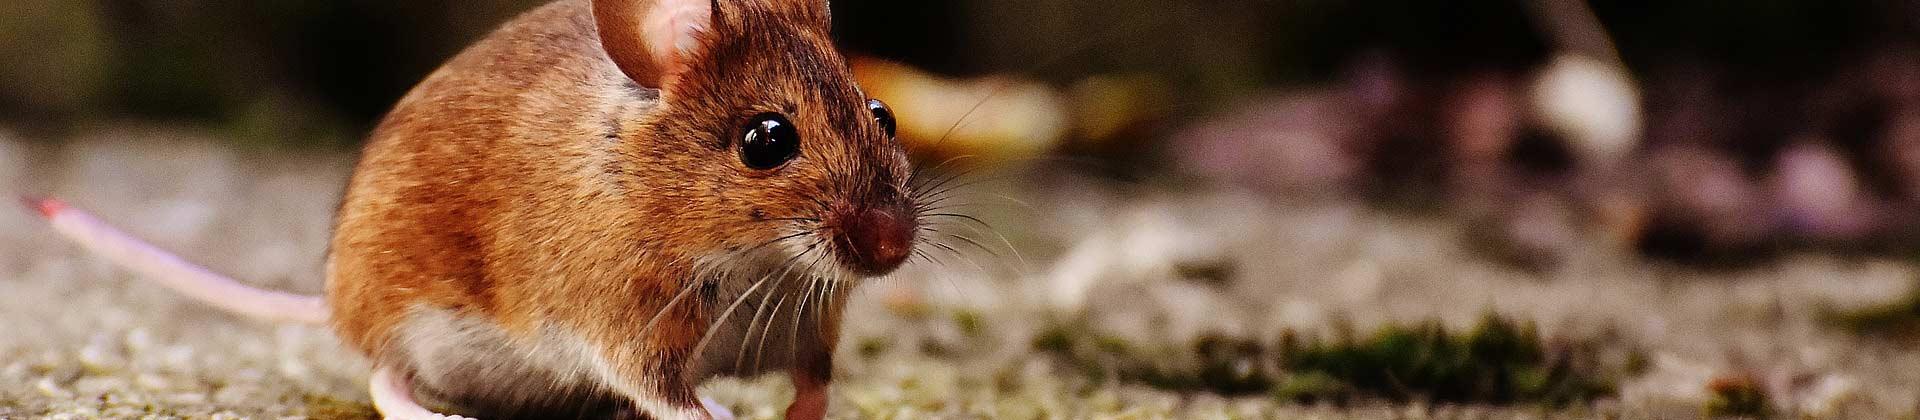 Kleintierstall für Mäuse und Ratten